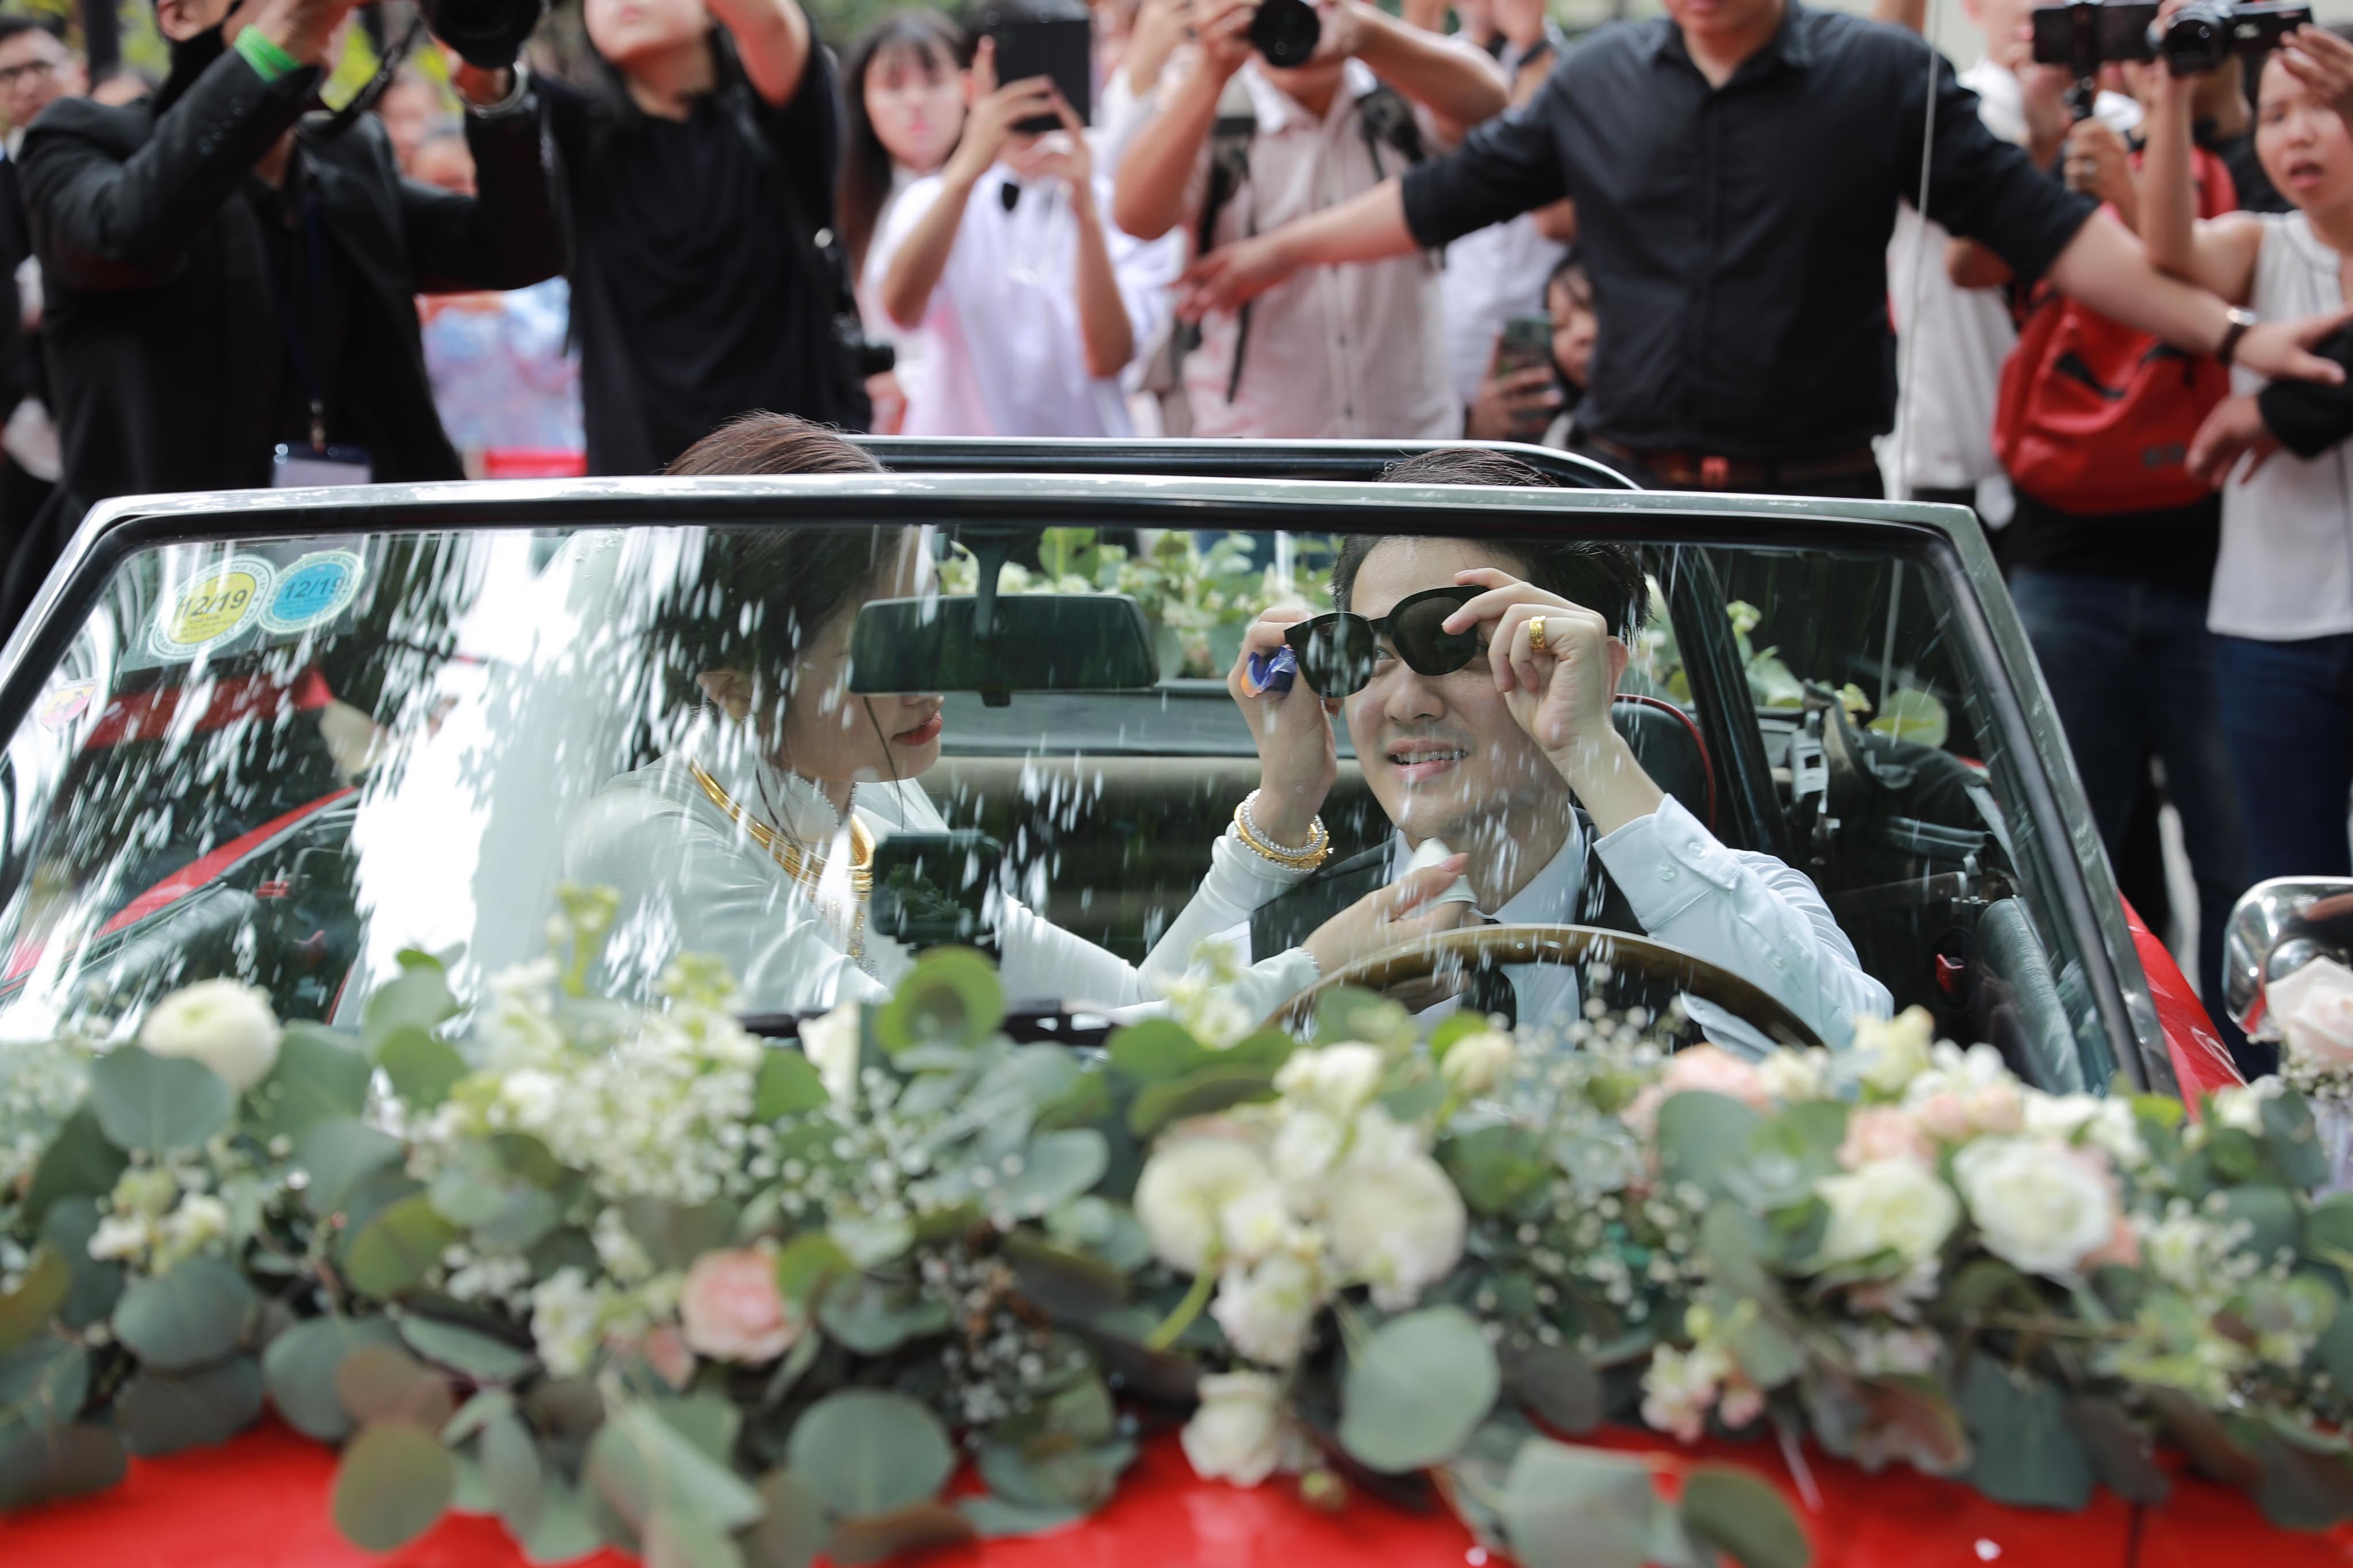 Đông Nhi đeo đầy vàng, được Ông Cao Thắng rước bằng siêu xe mui trần trong lễ ăn hỏi - 8